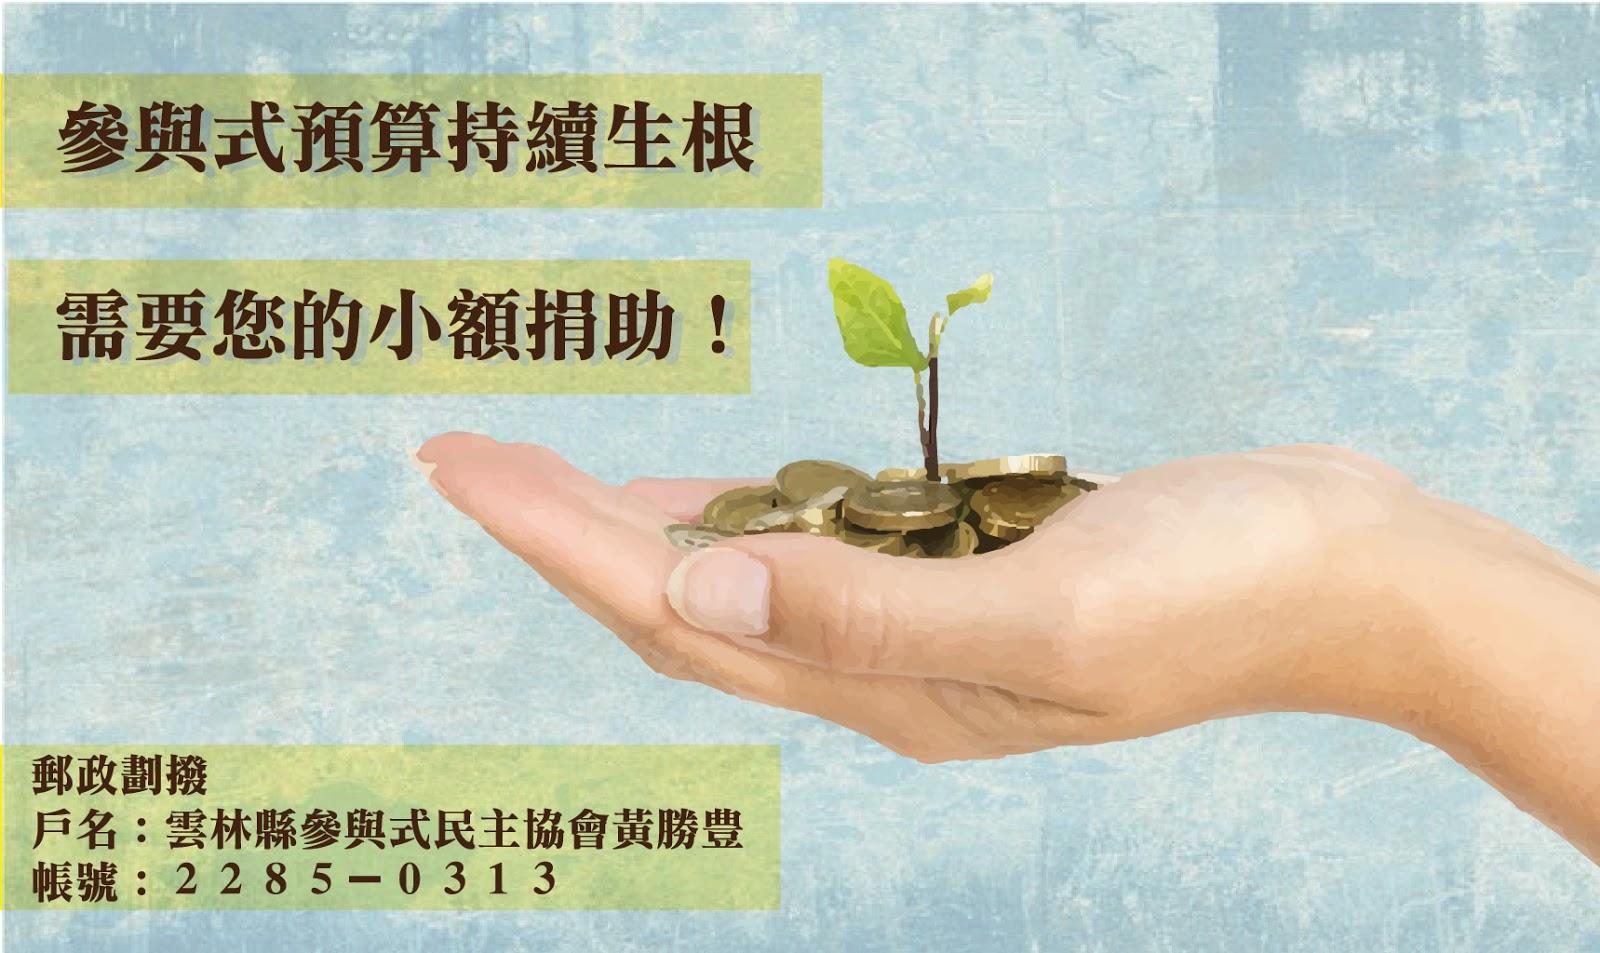 【紀錄片】參與式預算帶來哪些改變?以東勢鄉龍潭村為例 --記全台首場參與式預算成果共享會(三)